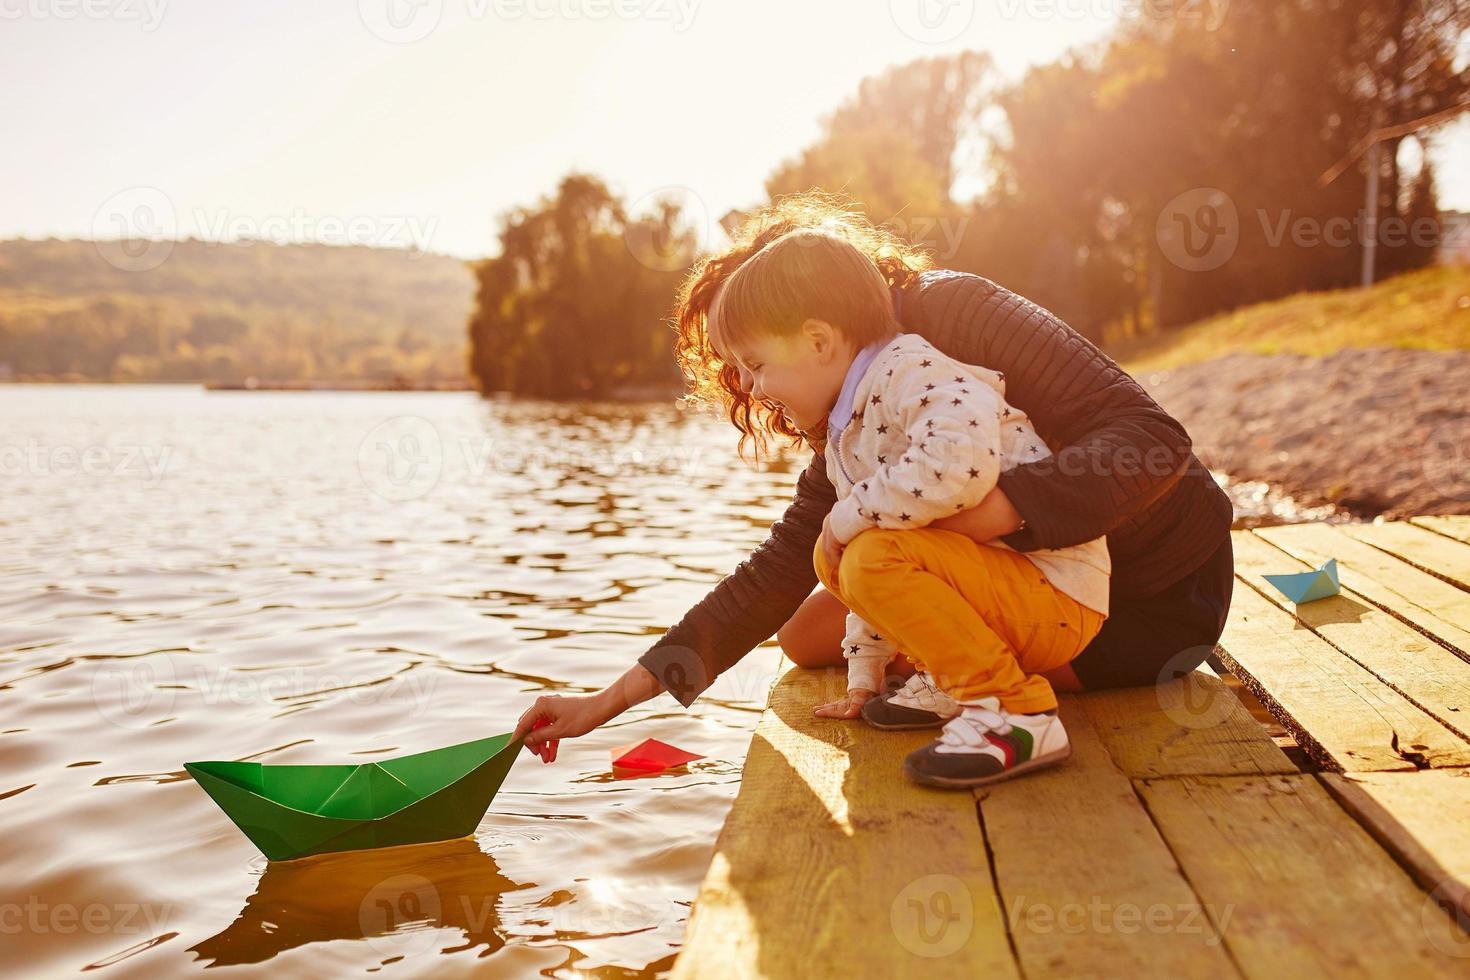 madre e hijo jugando con barcos de papel junto al lago foto